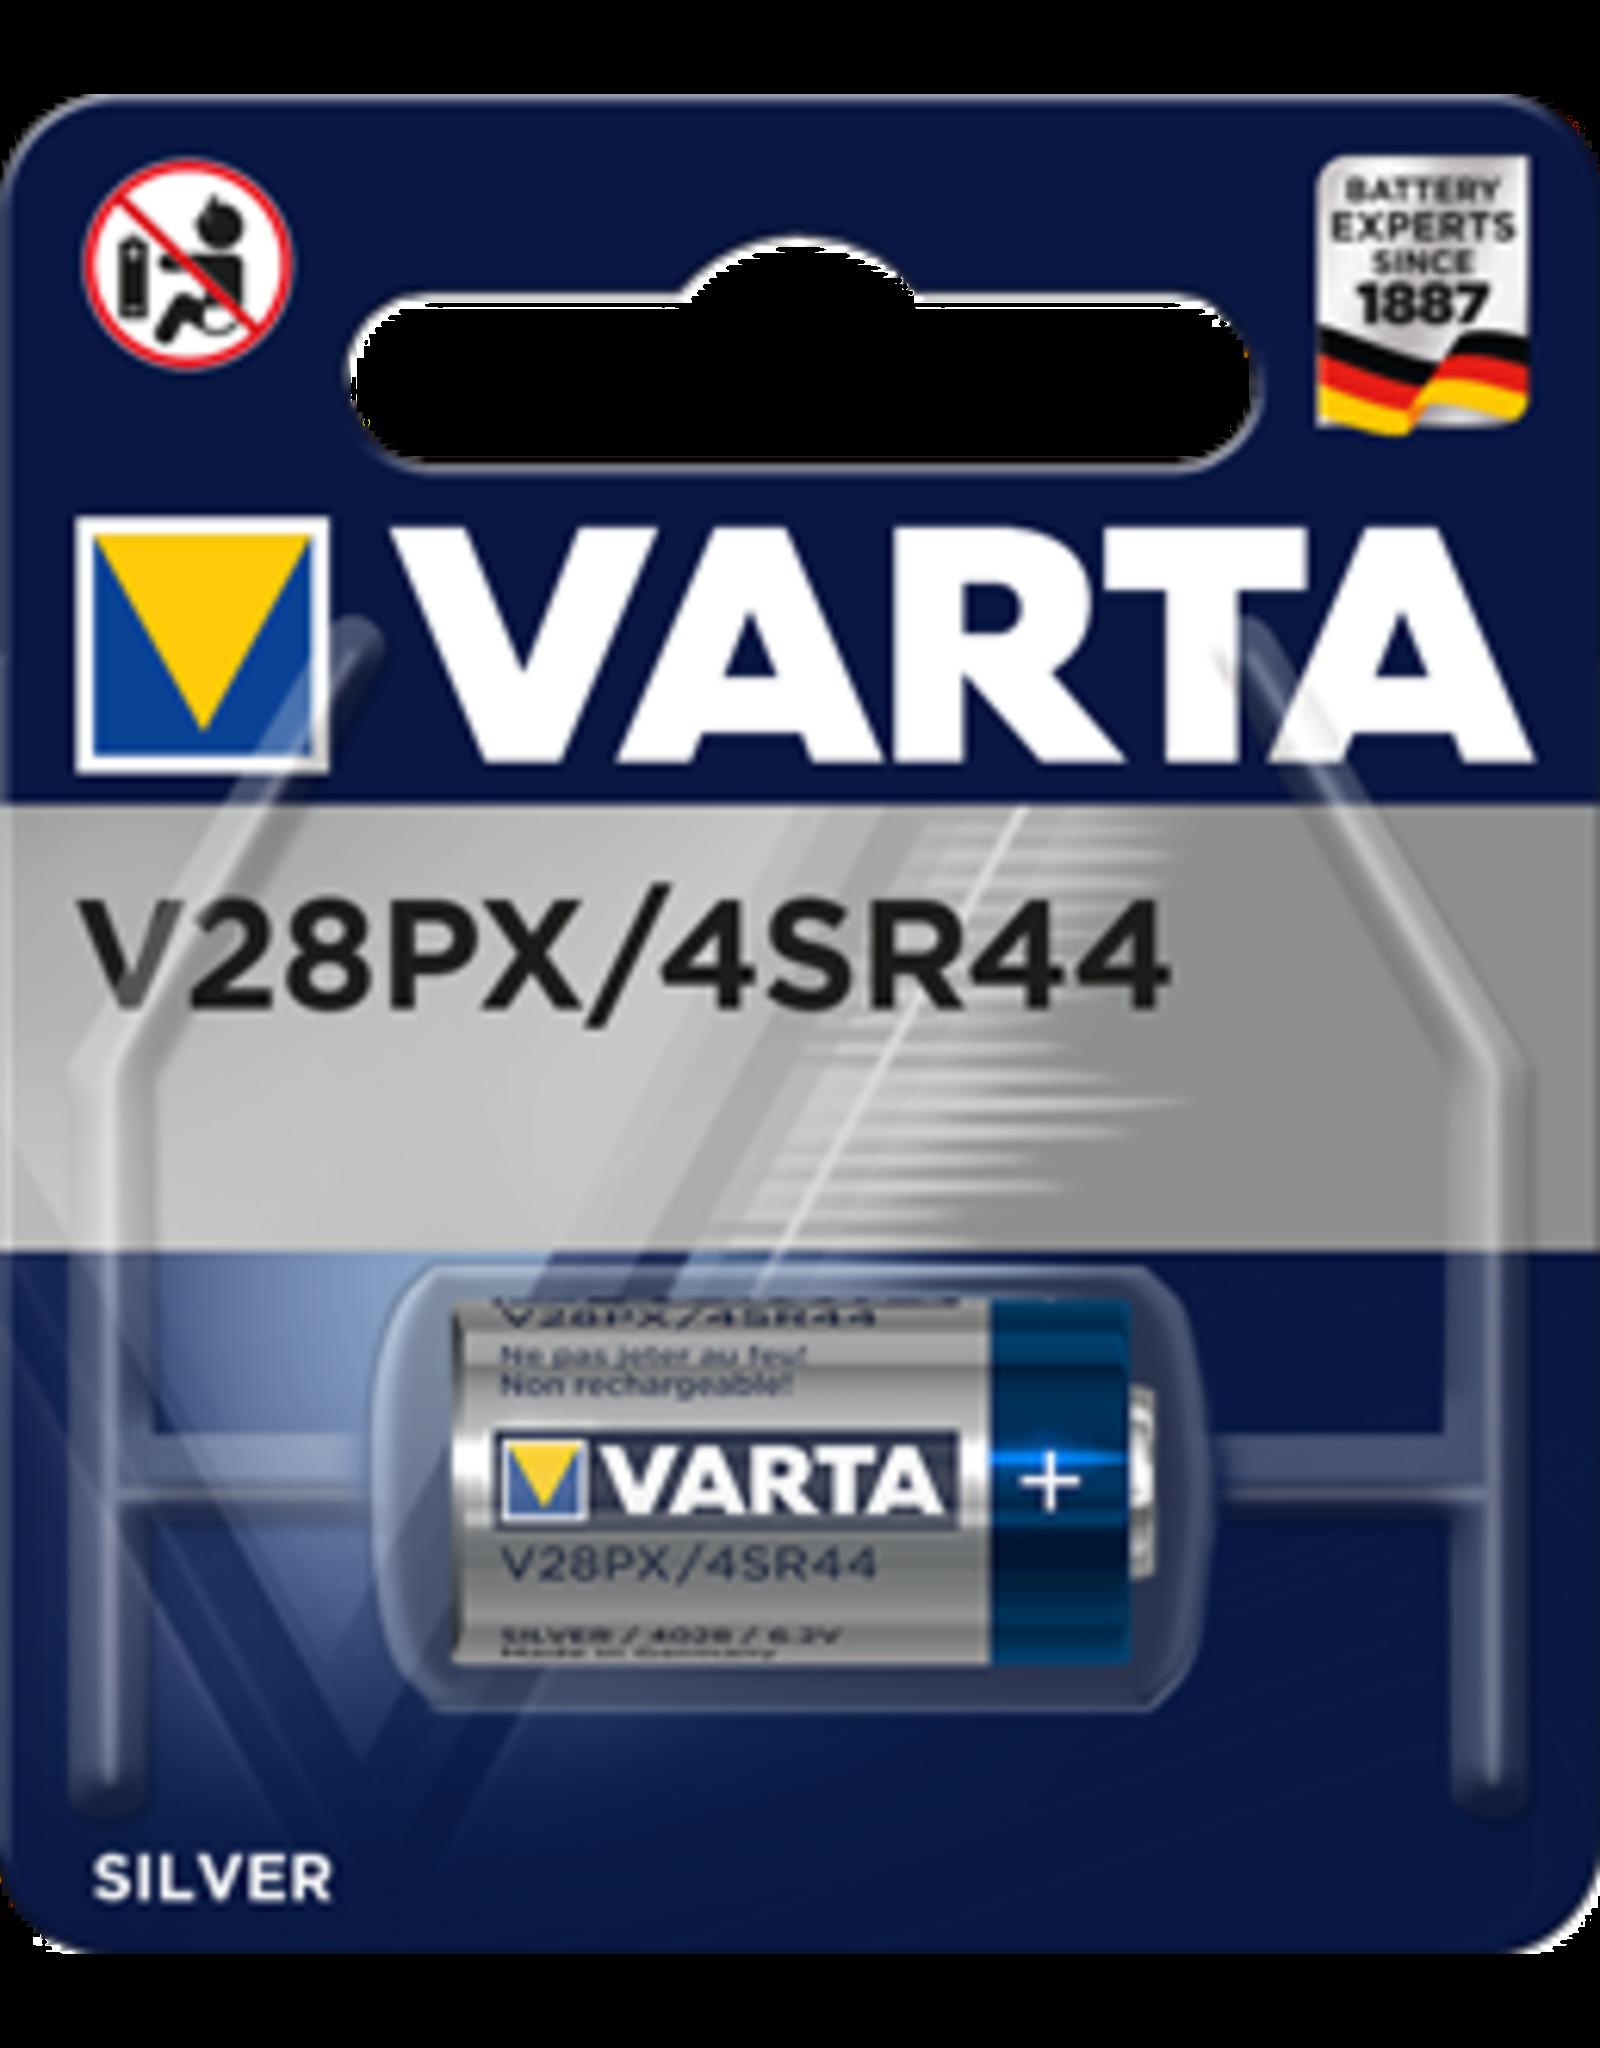 Varta Varta V-28PXL Lithium Battery